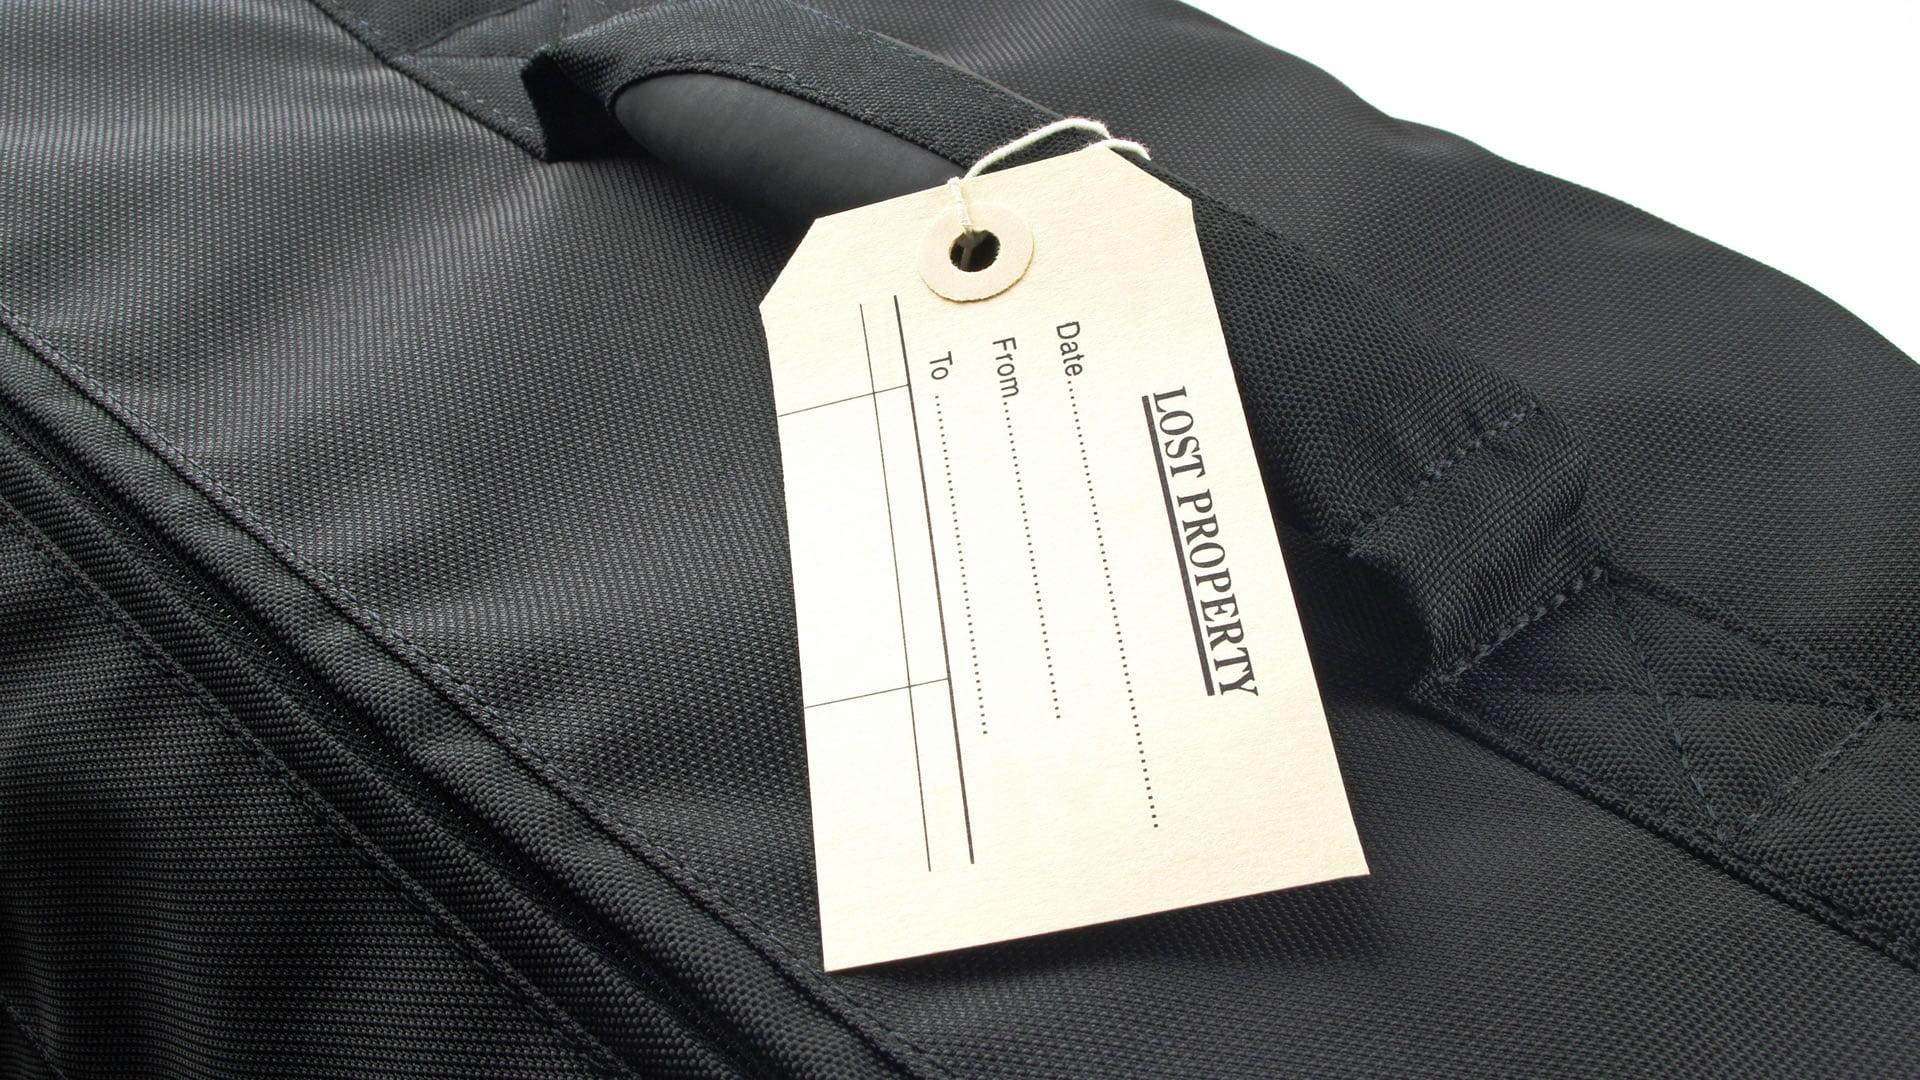 Tel fono de contacto de ryanair en caso de p rdida de equipaje - Telefono de oficina de ryanair ...